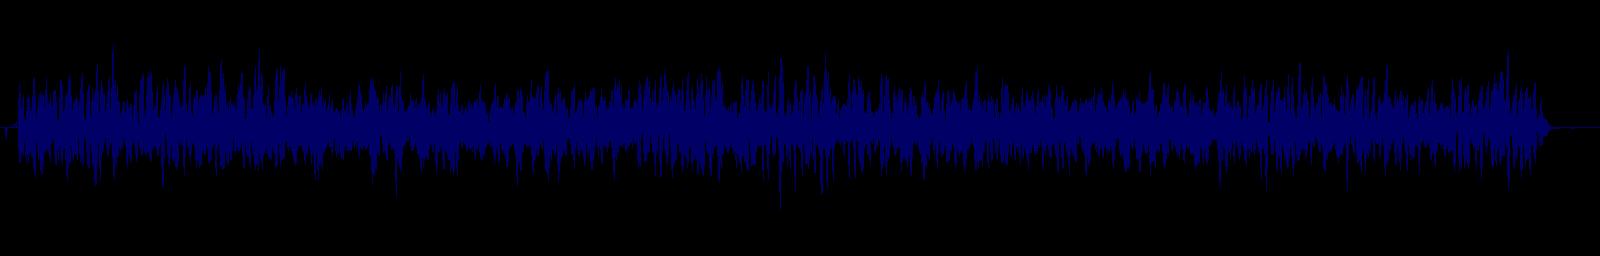 waveform of track #137429